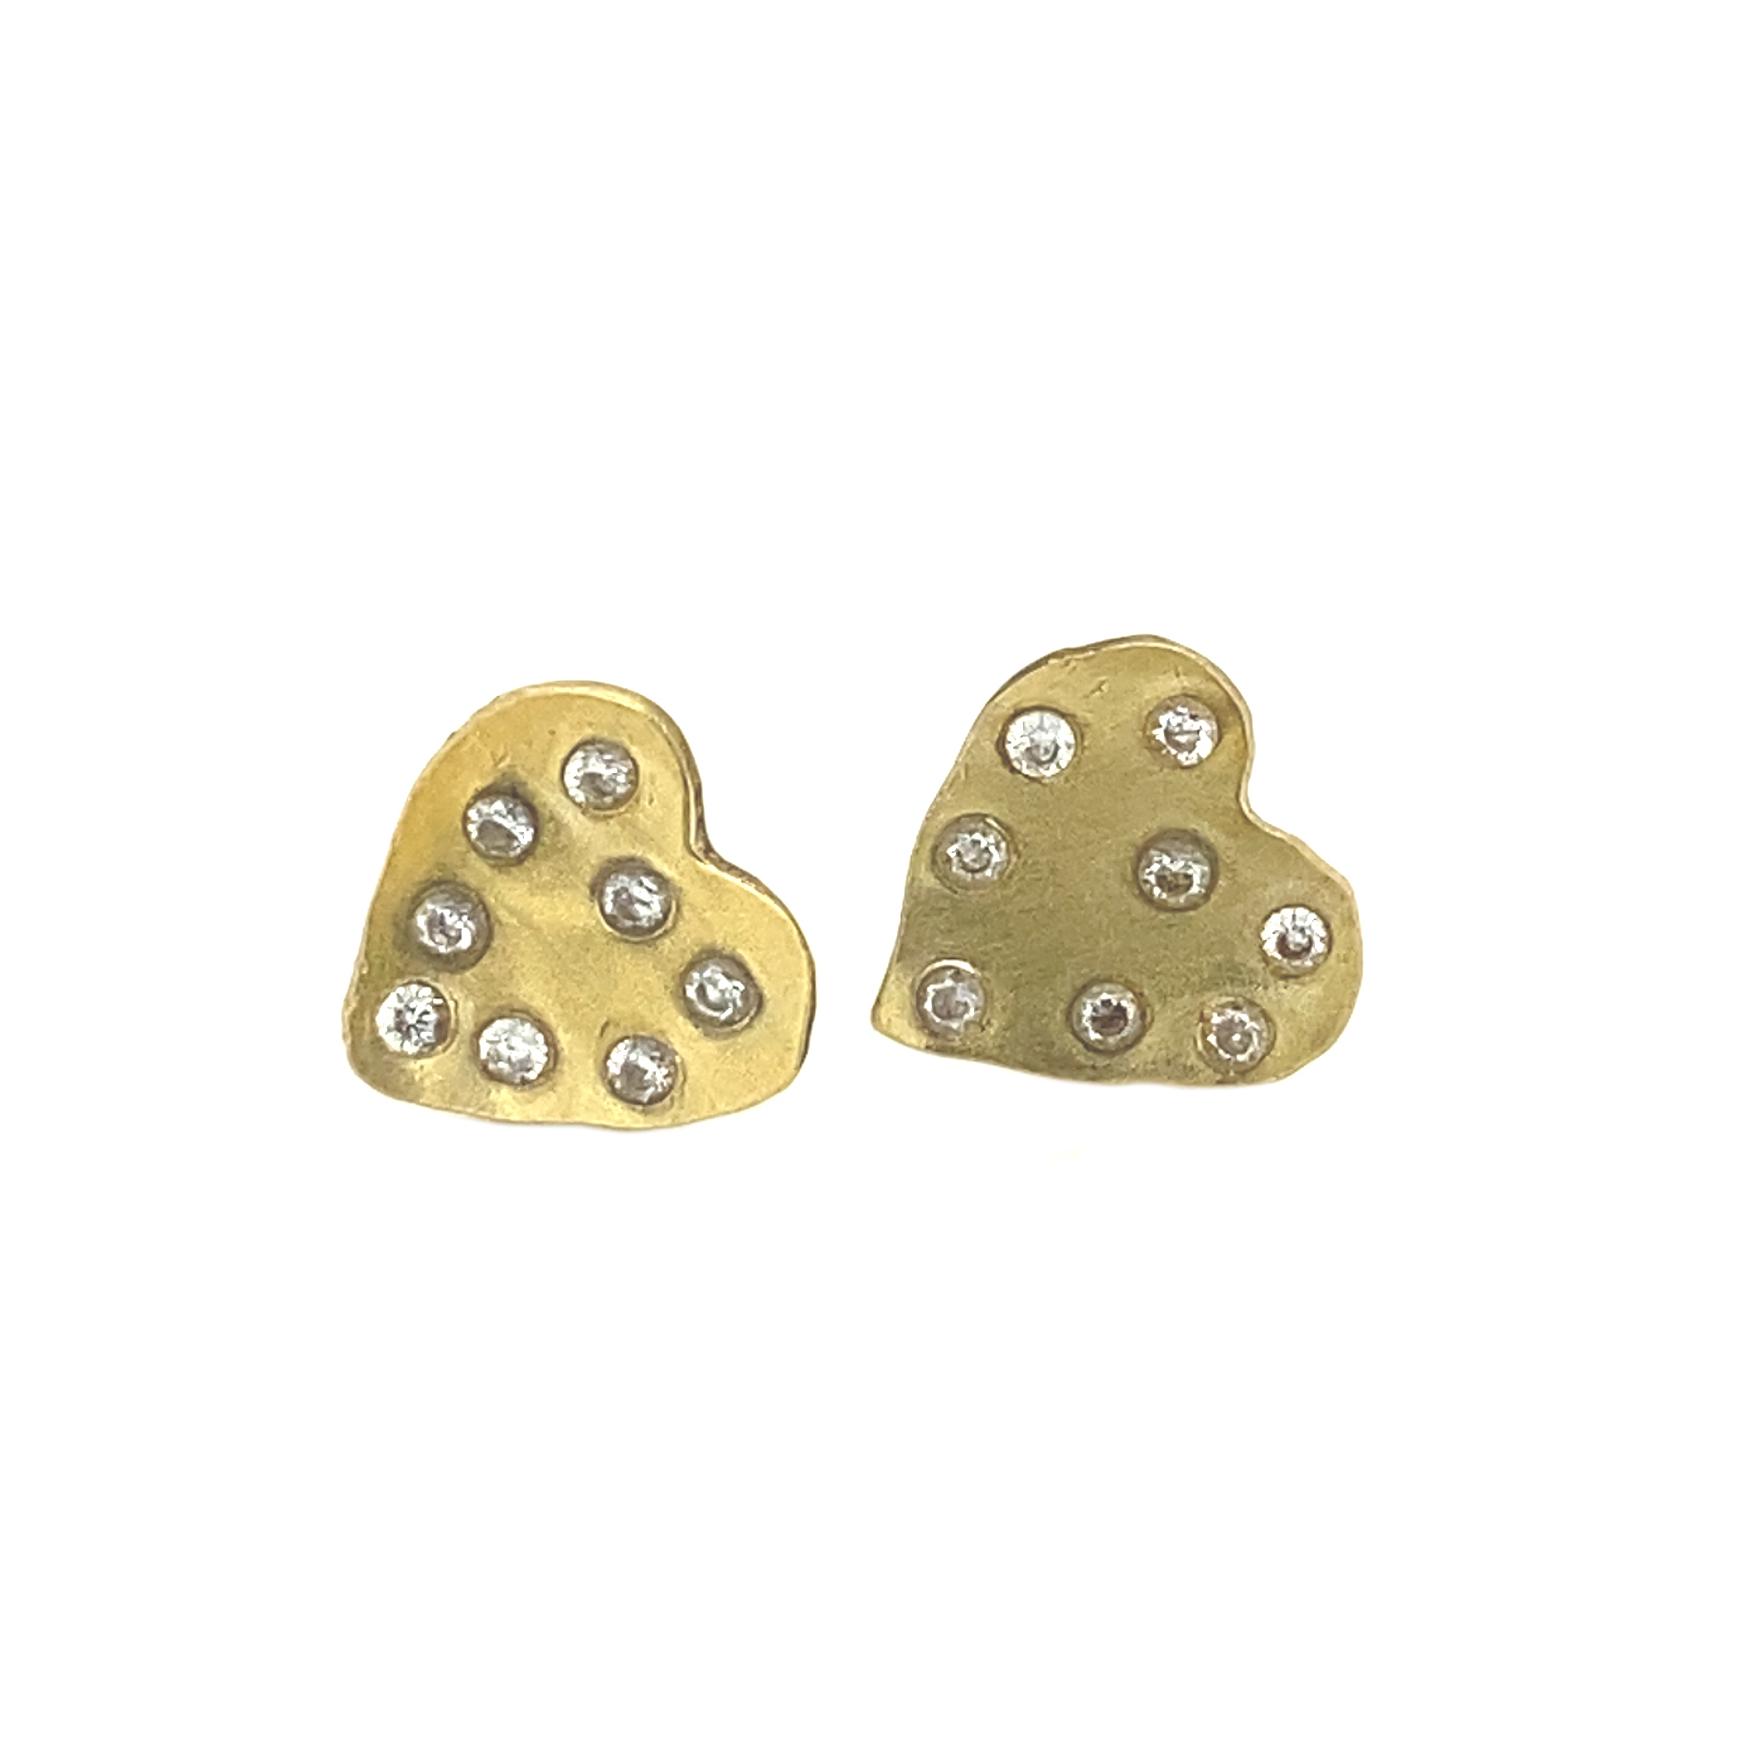 HEART WITH LOTS OF DIAMONDS EARRINGS